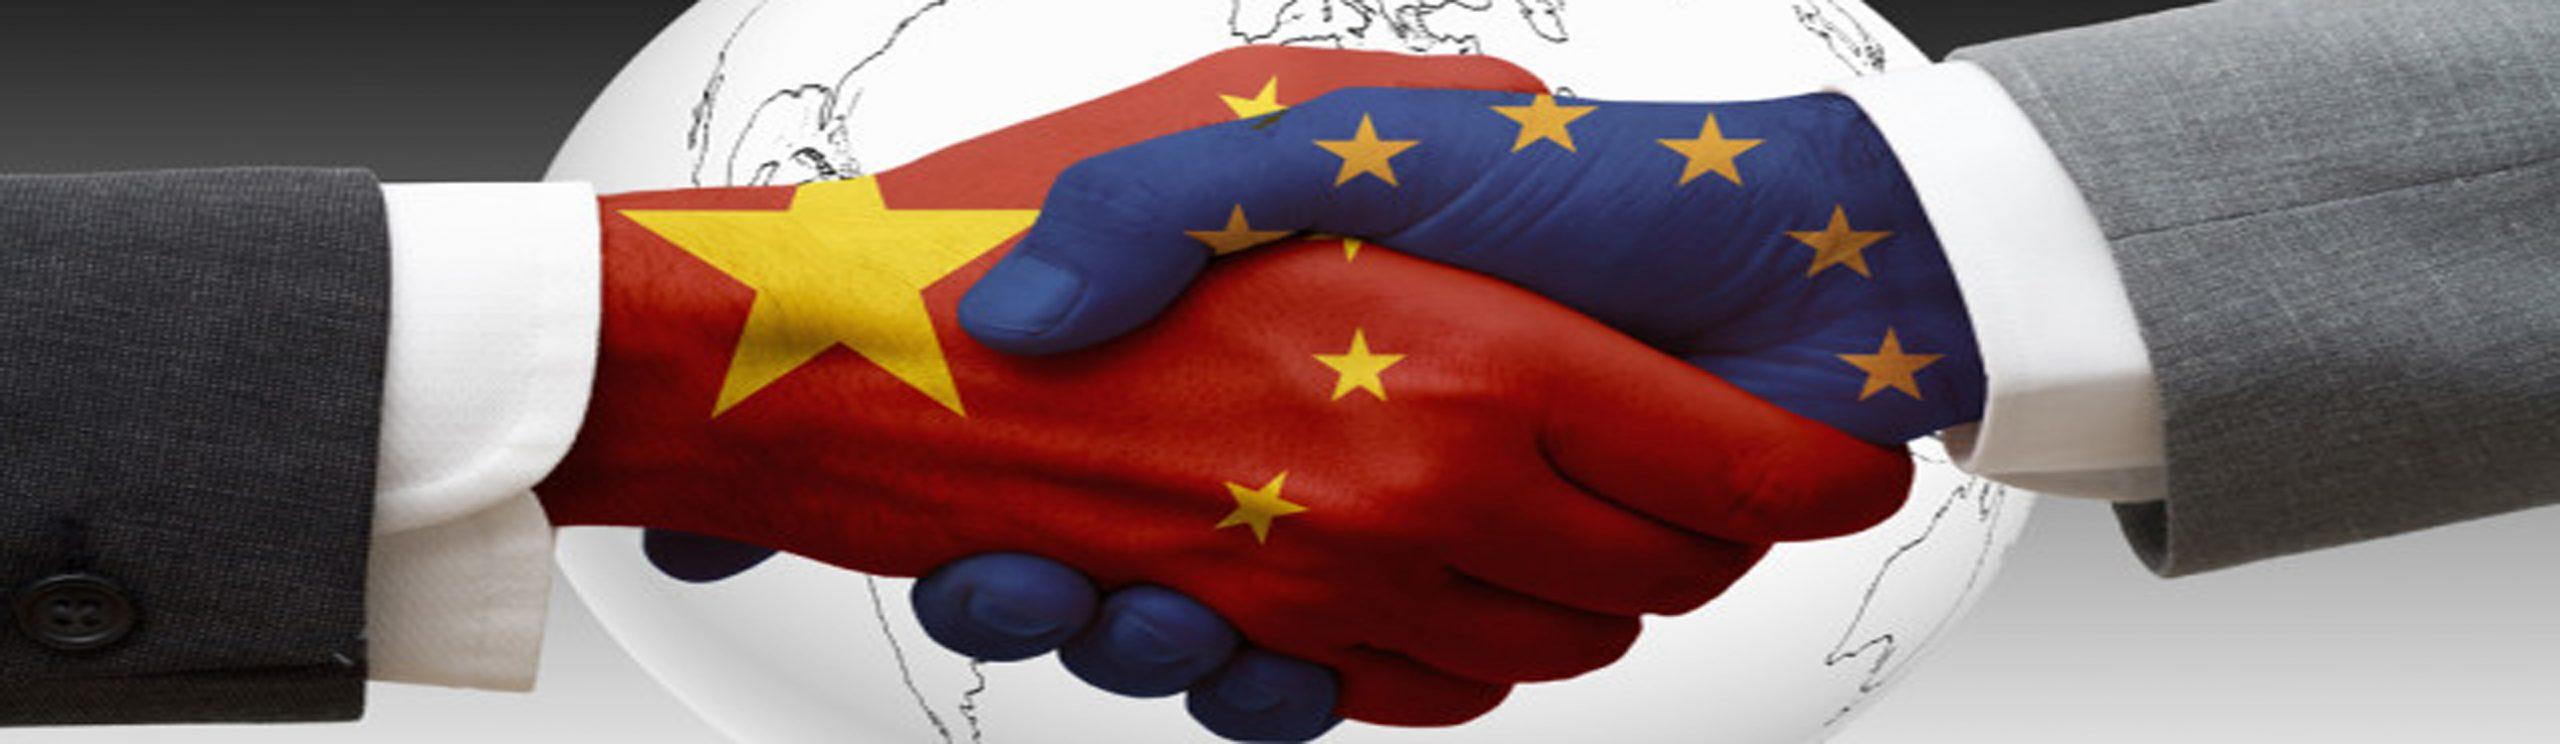 Евросоюз будет дружить с Китаем против США и Британии